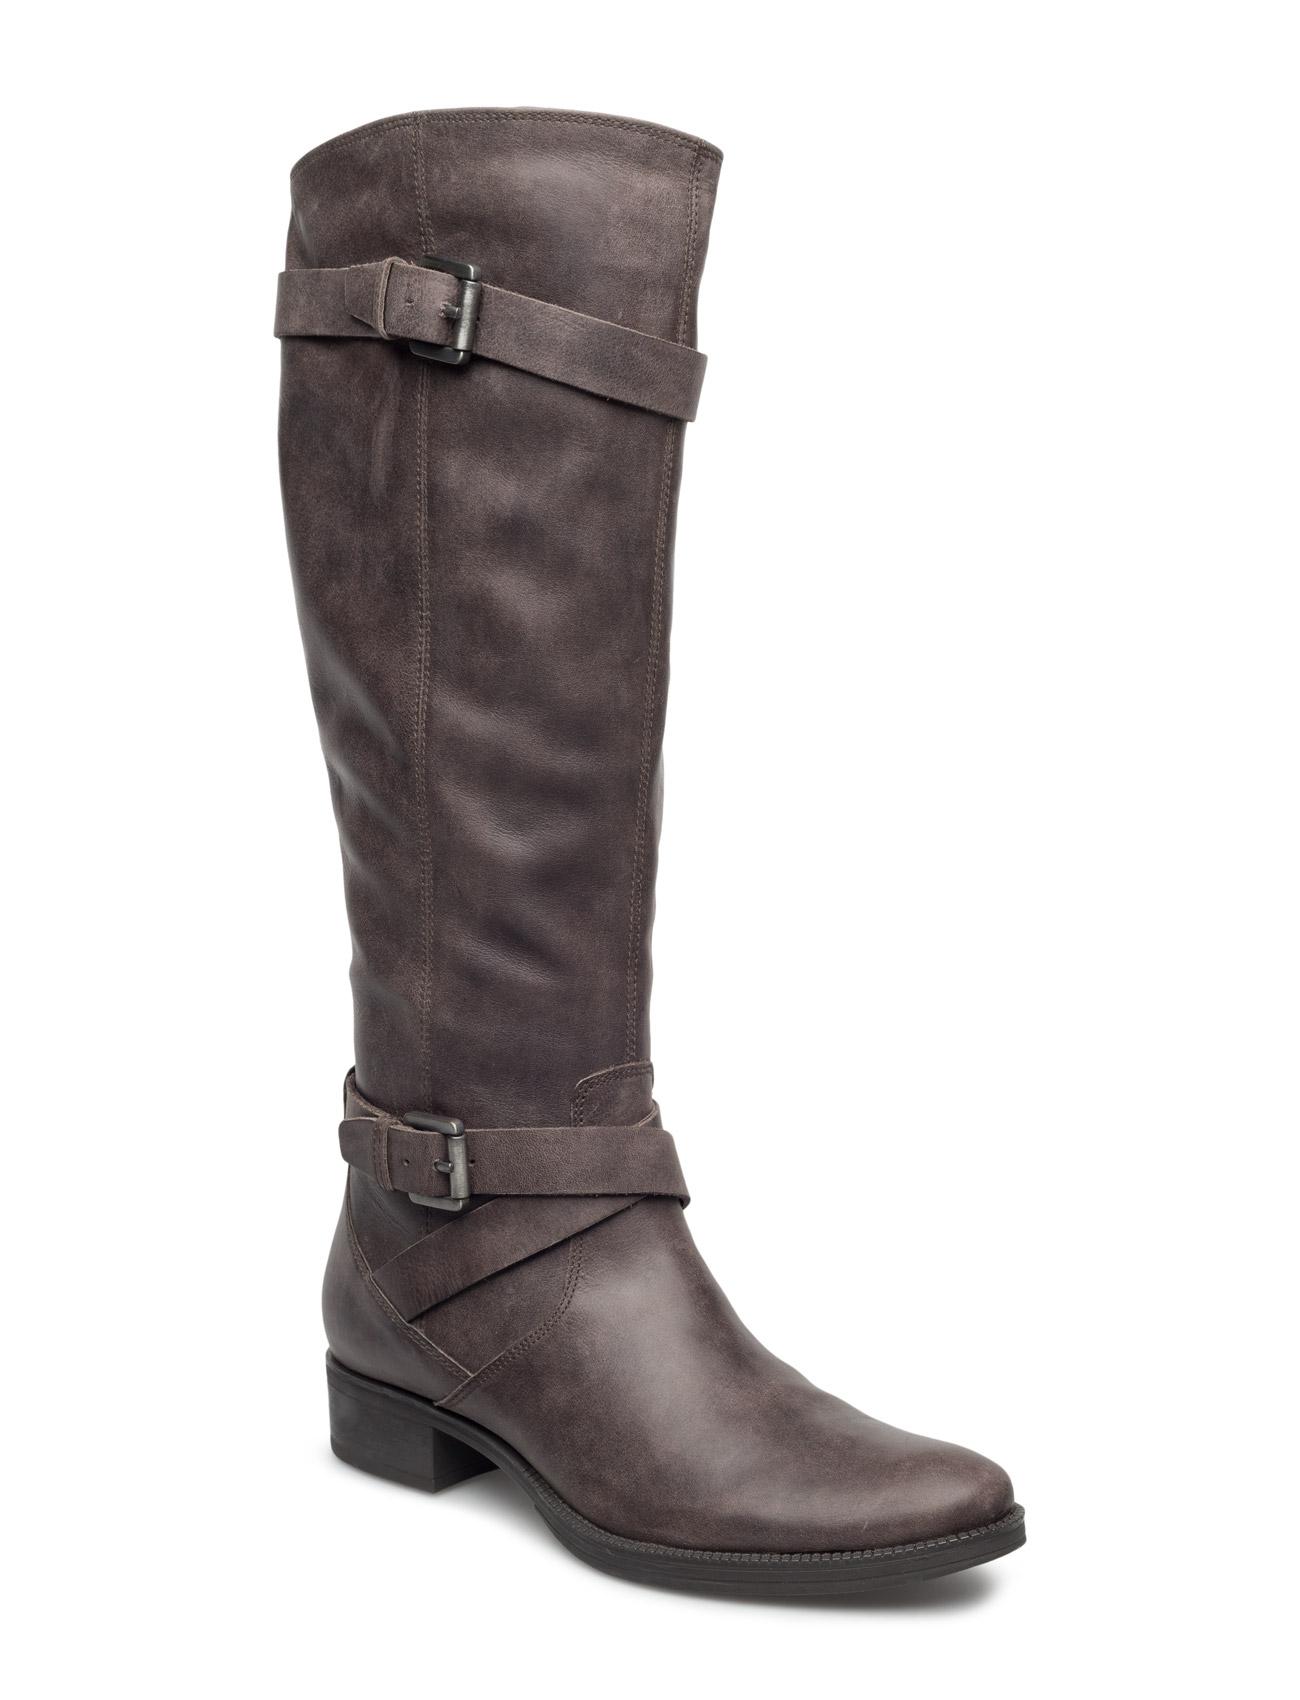 D Mendi Stivali GEOX Støvler til Kvinder i kastanje